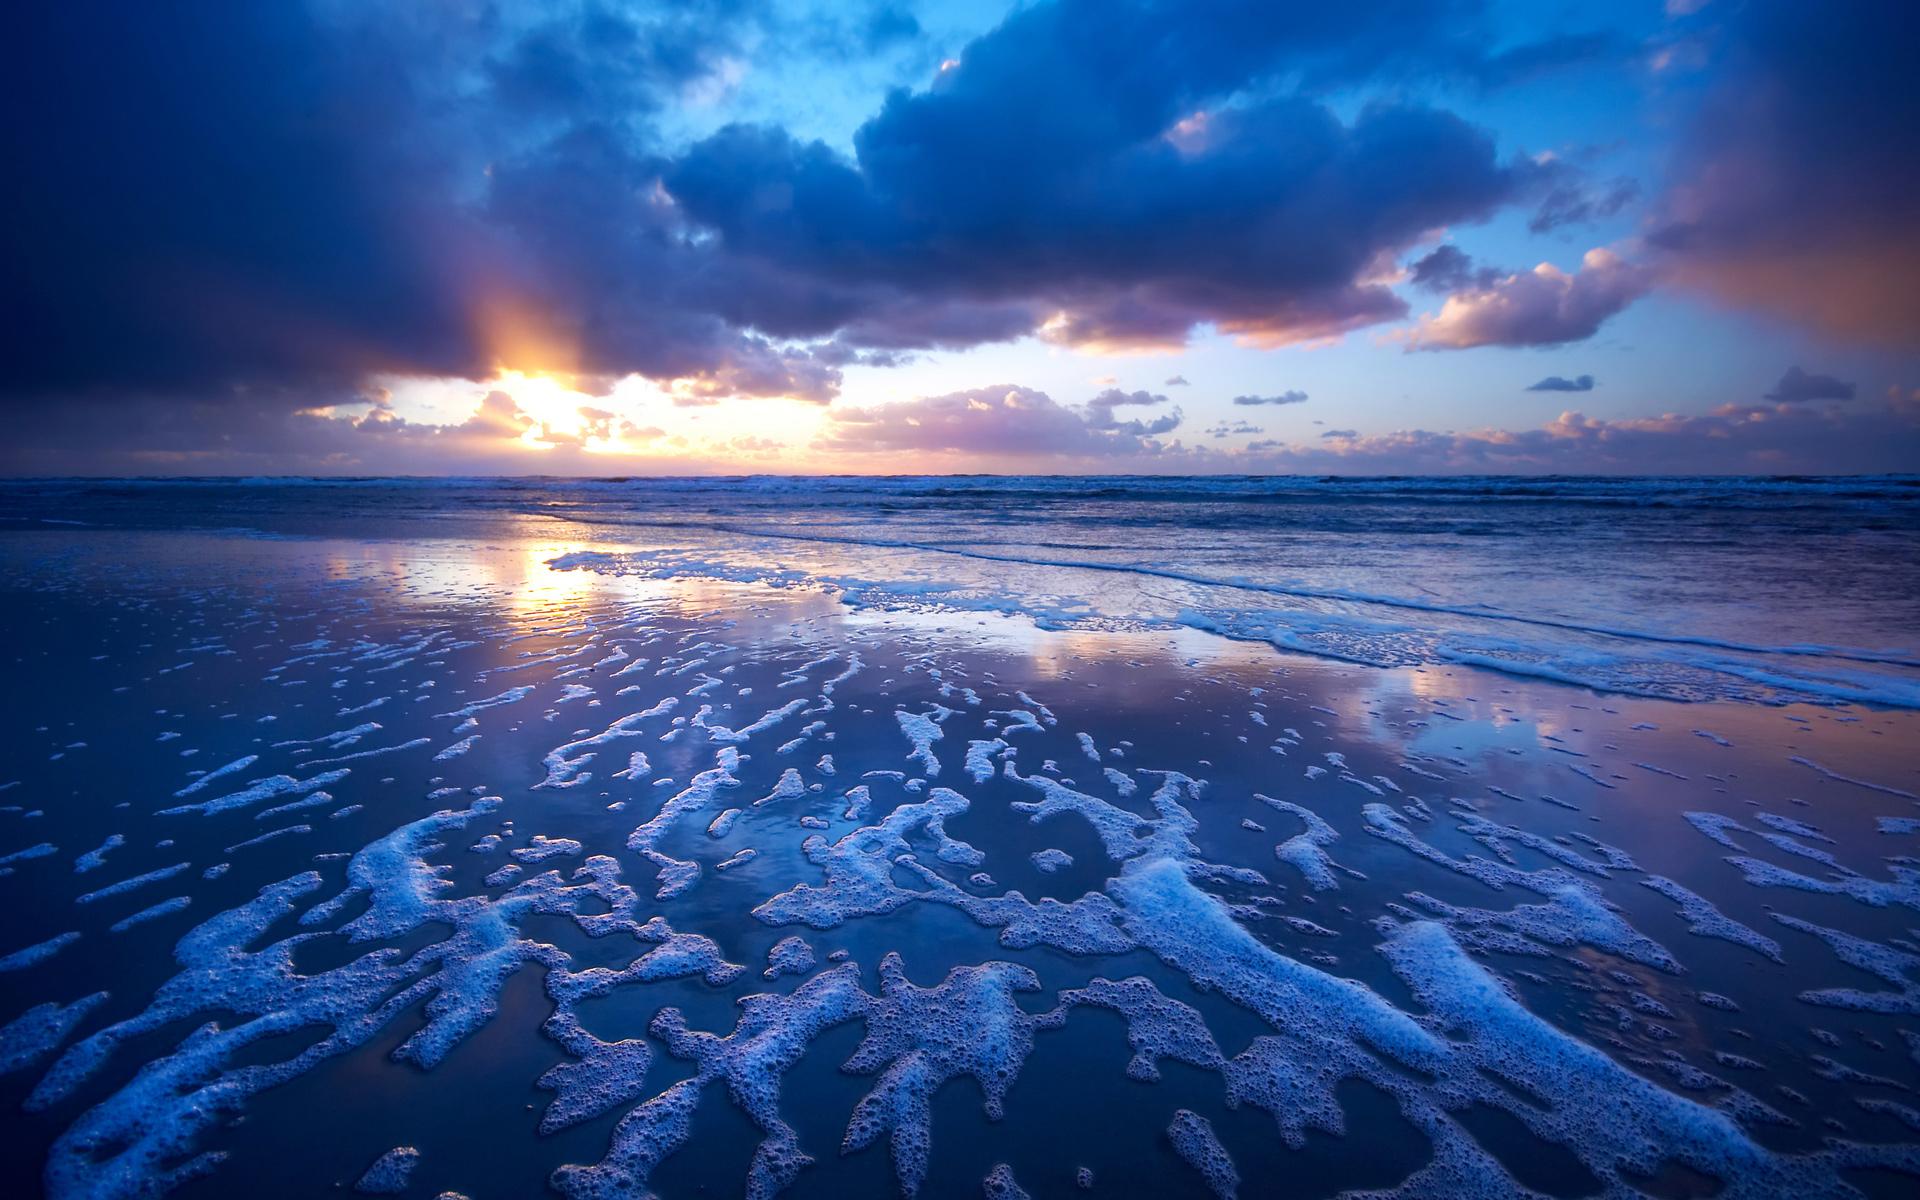 Sunset waves wallpaper   Beach Wallpapers 1920x1200